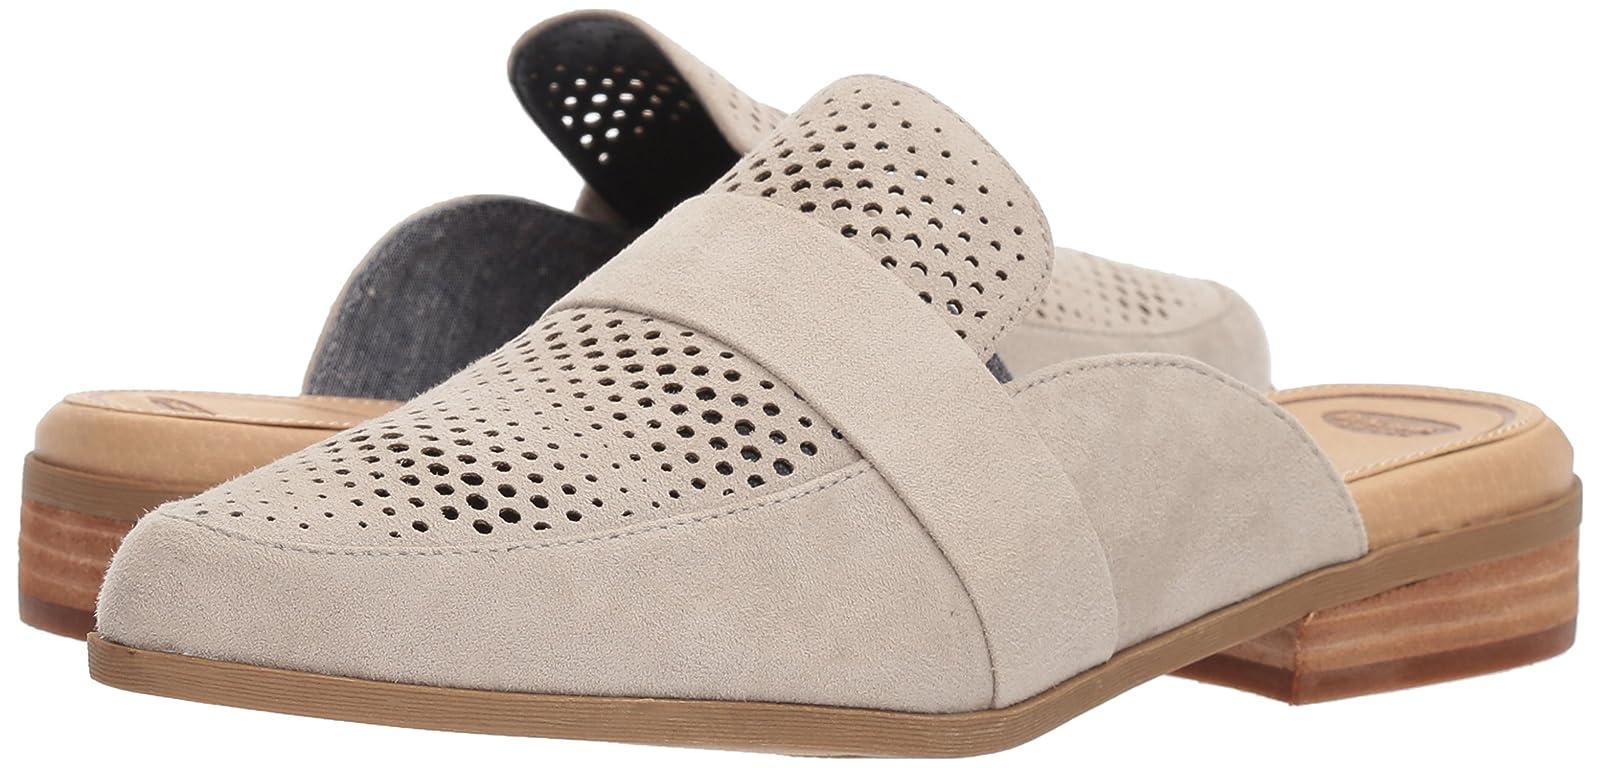 Dr. Scholl's Shoes Women's Exact Chop Mule F6419F1 - 6